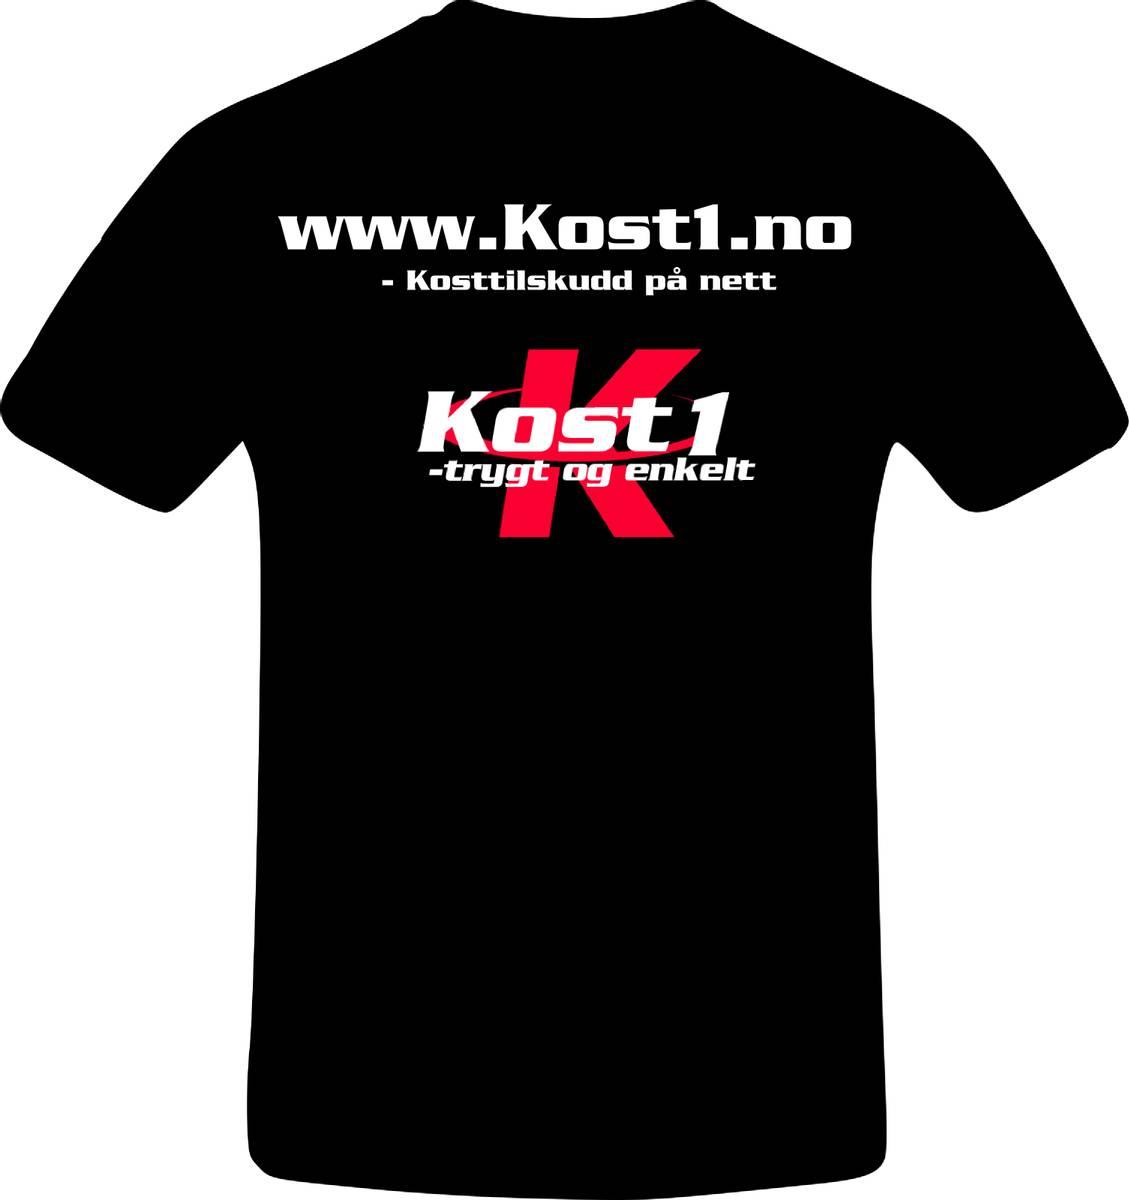 Kost1 T-skjorte